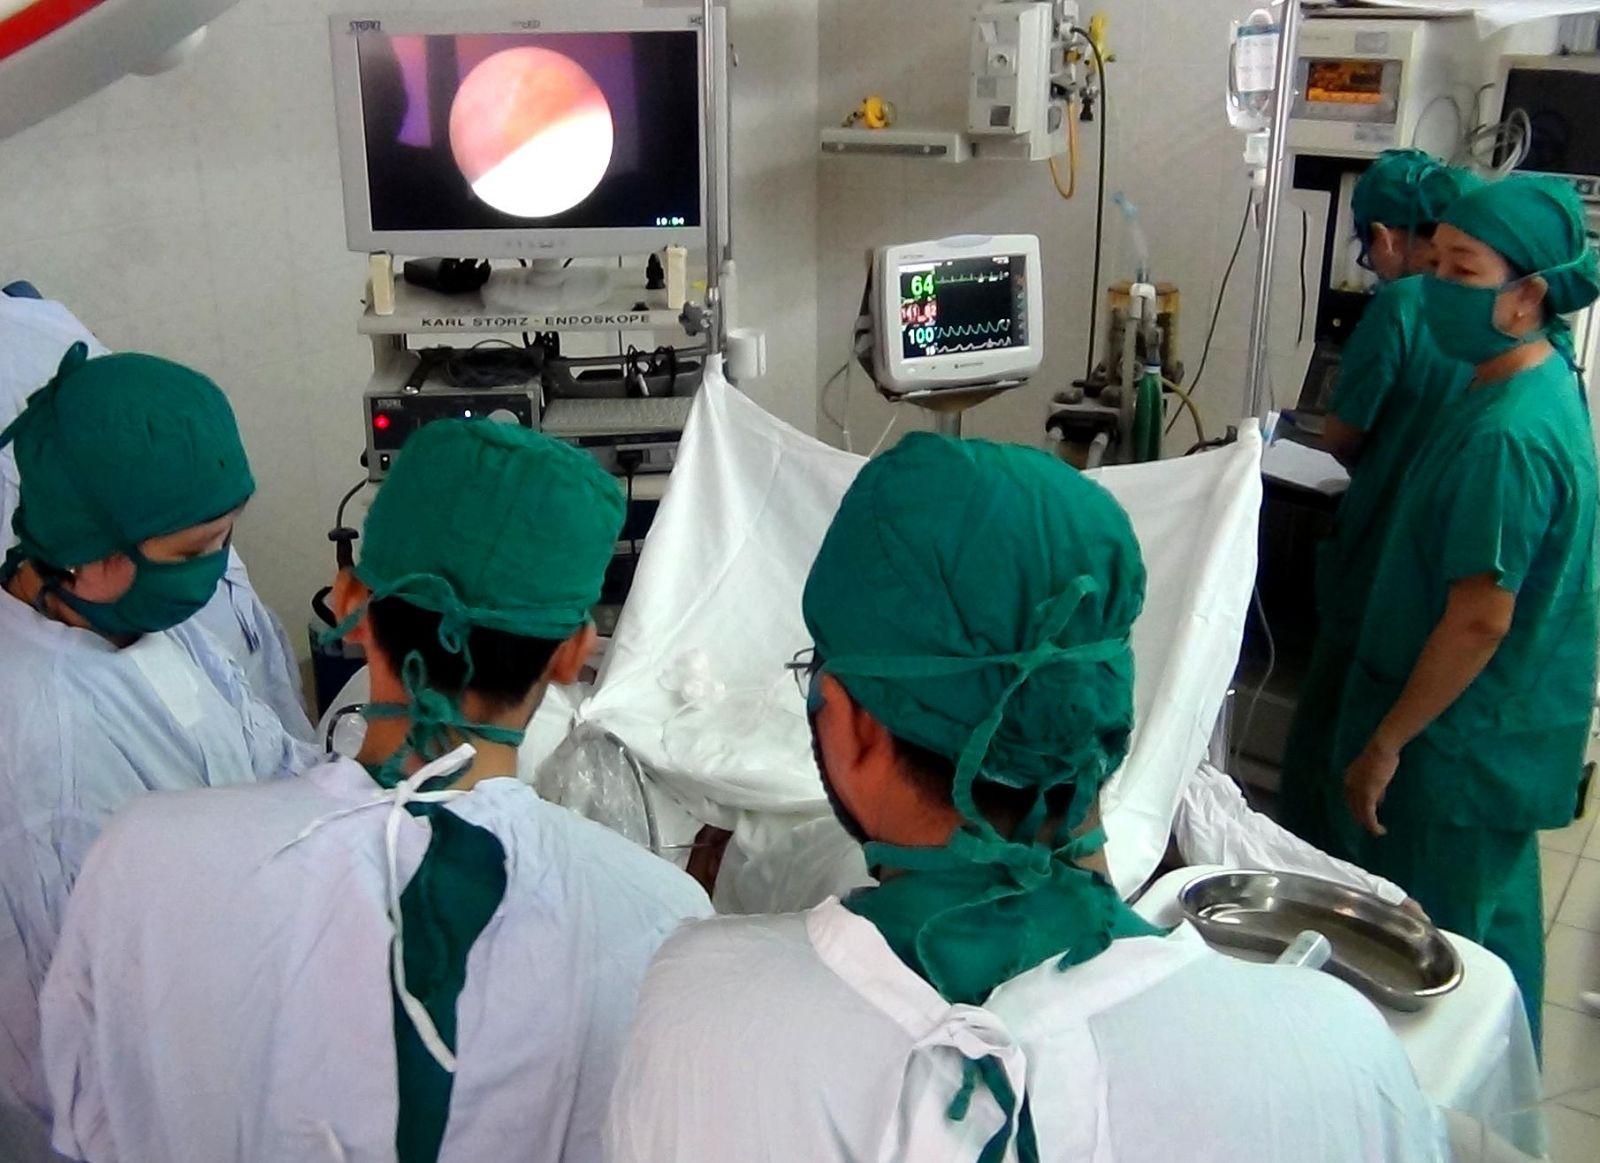 Hiện nay, tỉnh có 8 bác sĩ/vạn dân, đạt chỉ tiêu Nghị quyết Đại hội đề ra